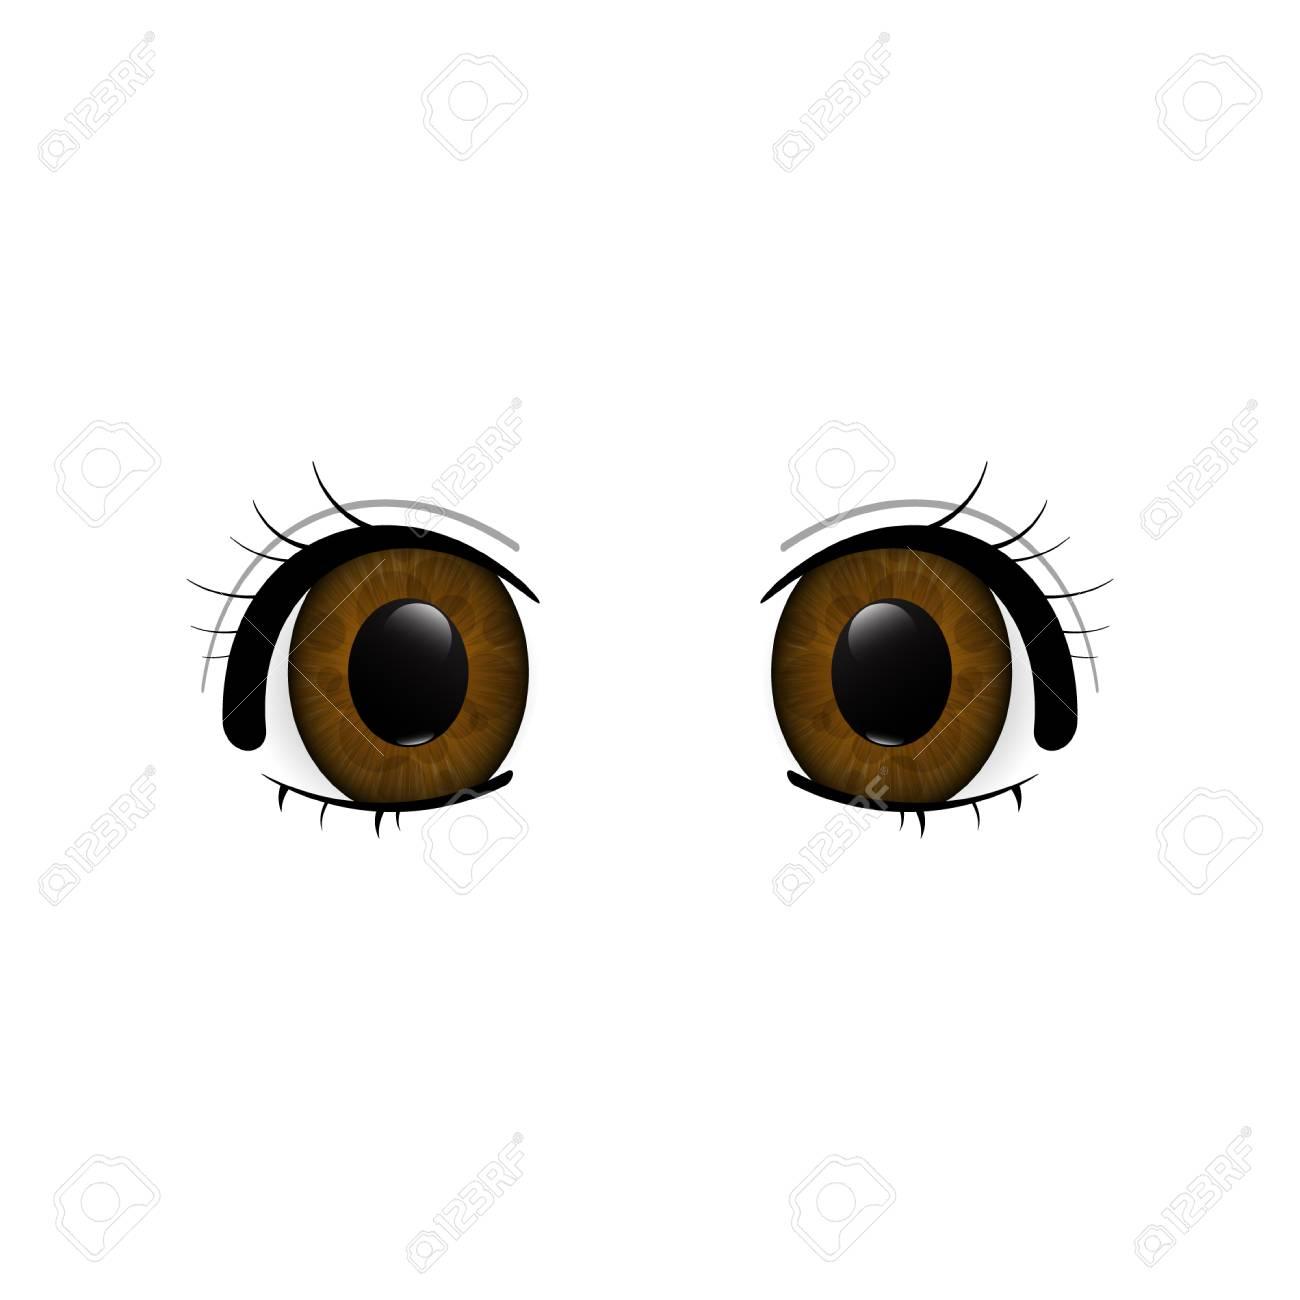 Anime Eyes Primer Plano De Los Ojos Humanos Hermosos Ojos Grandes Dibujos Animados Ilustración Vectorial